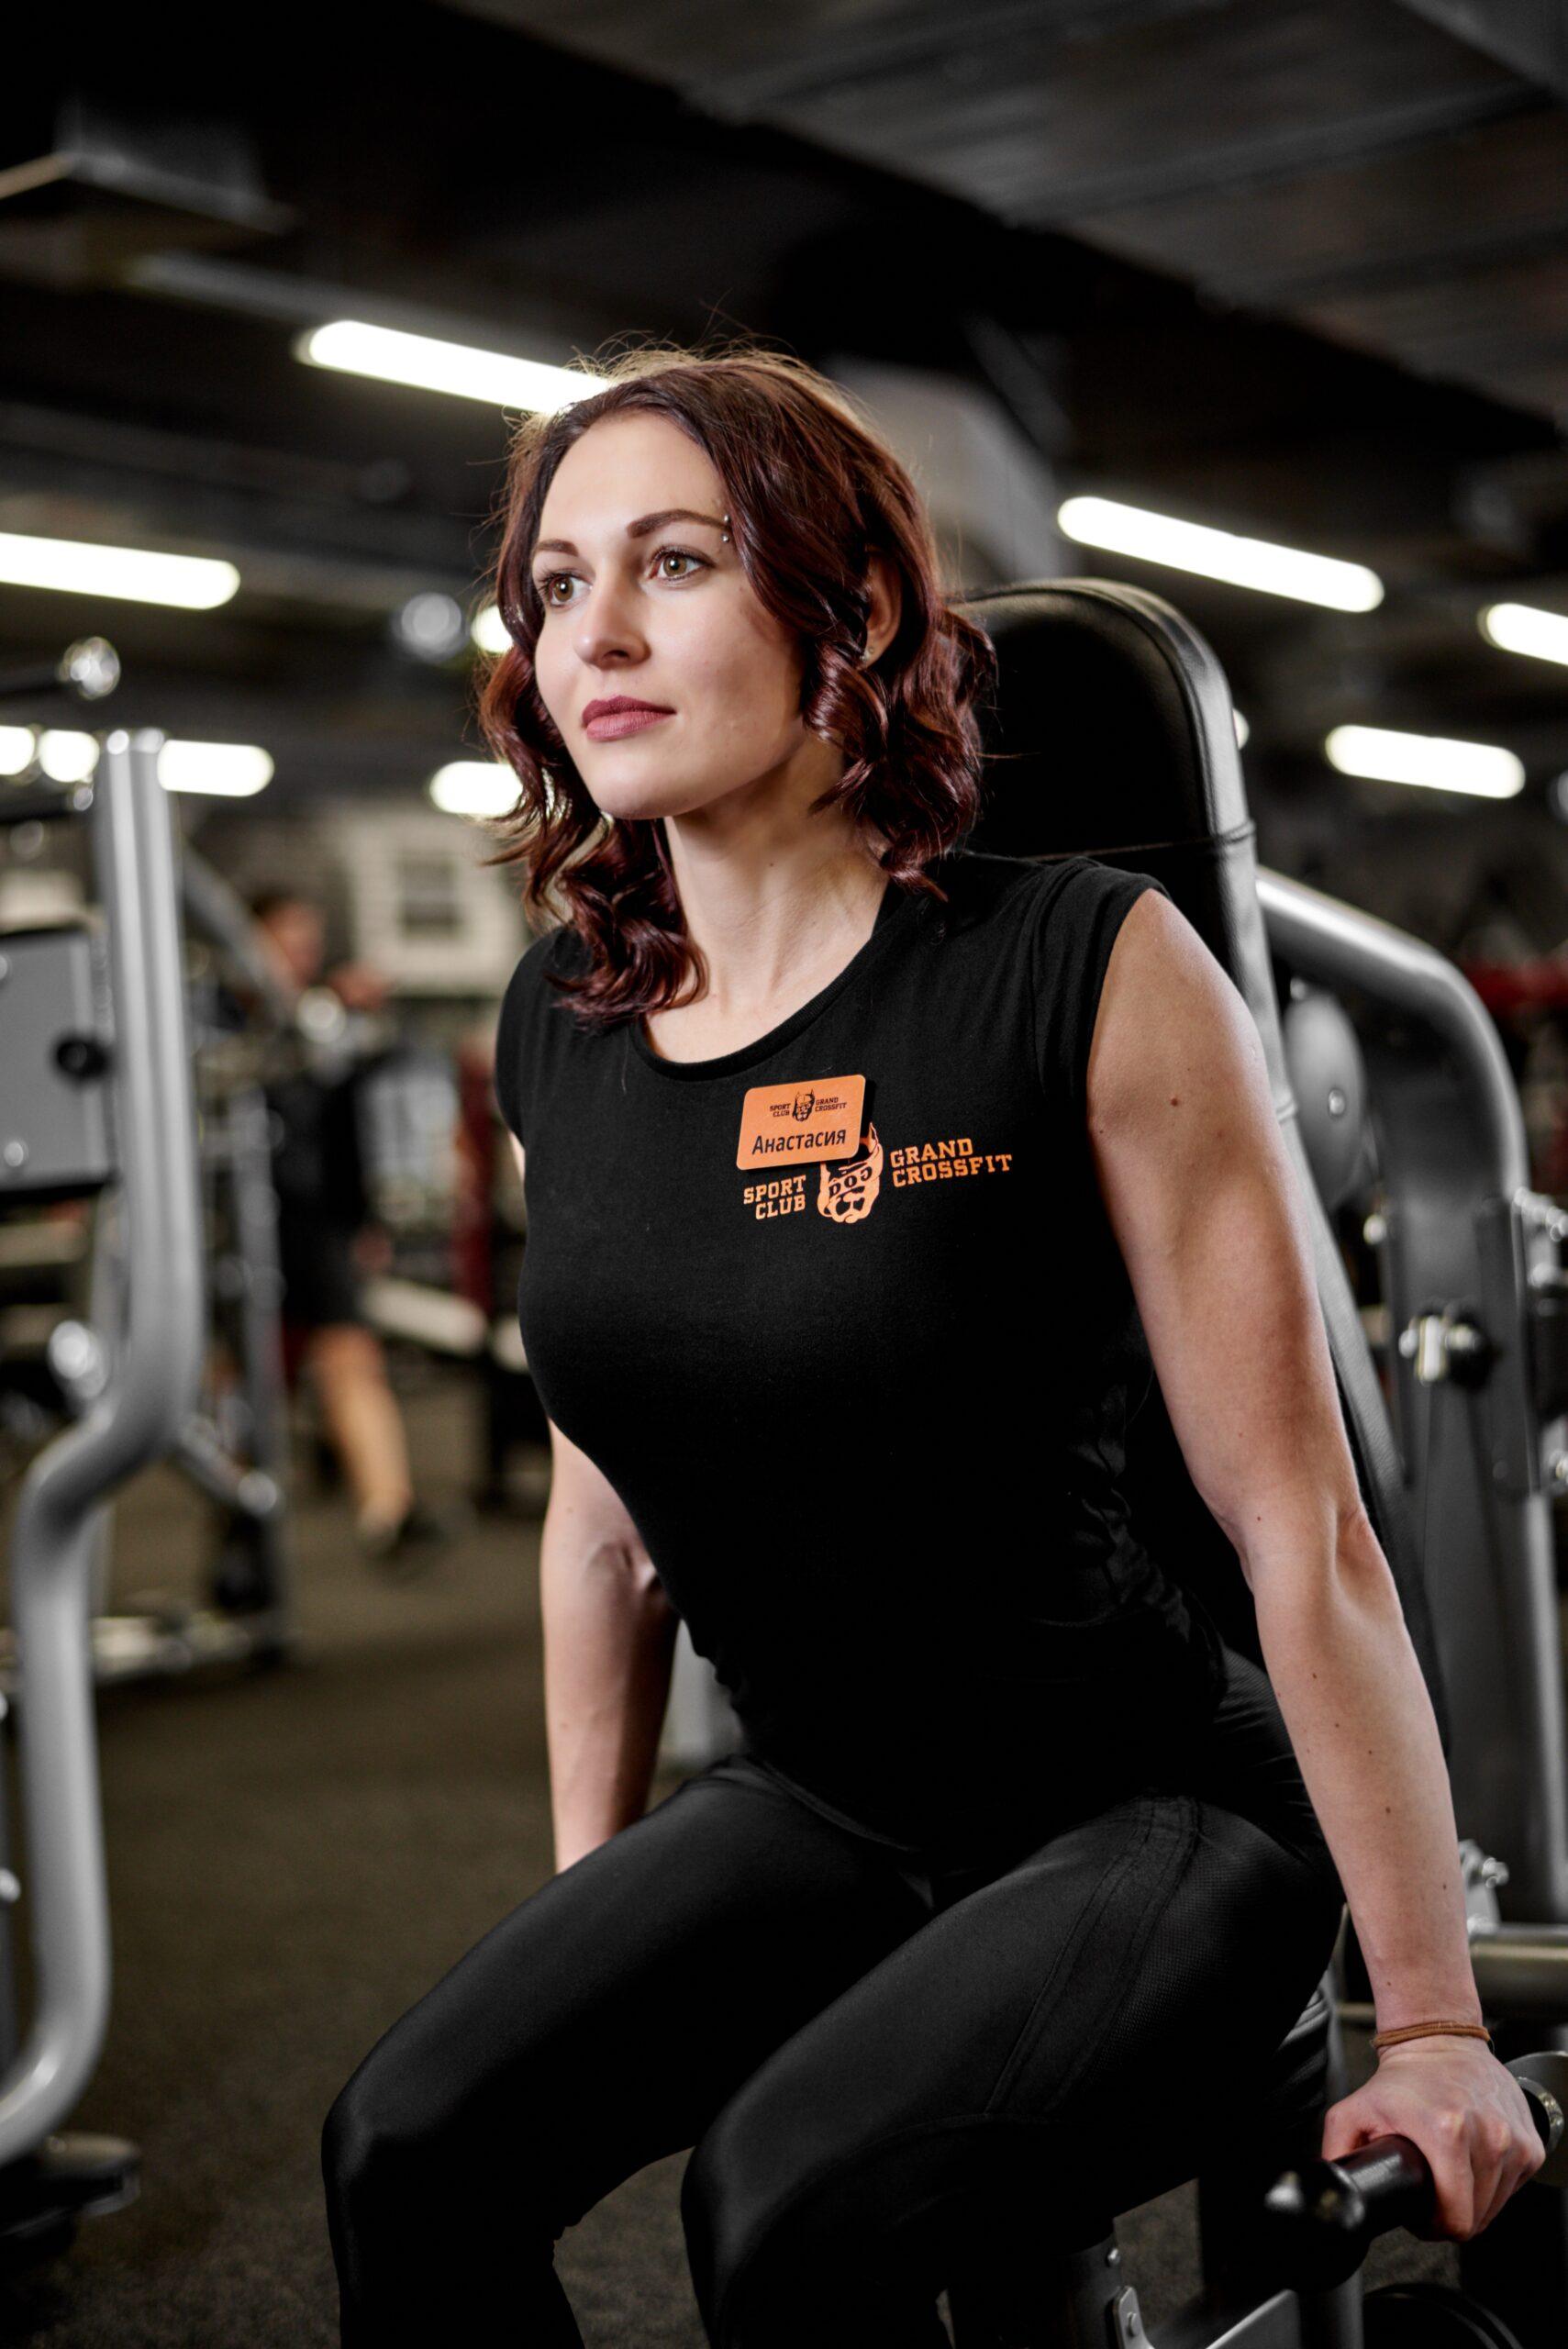 Анастасия Ливацкая, DOG & Grand CrossFit